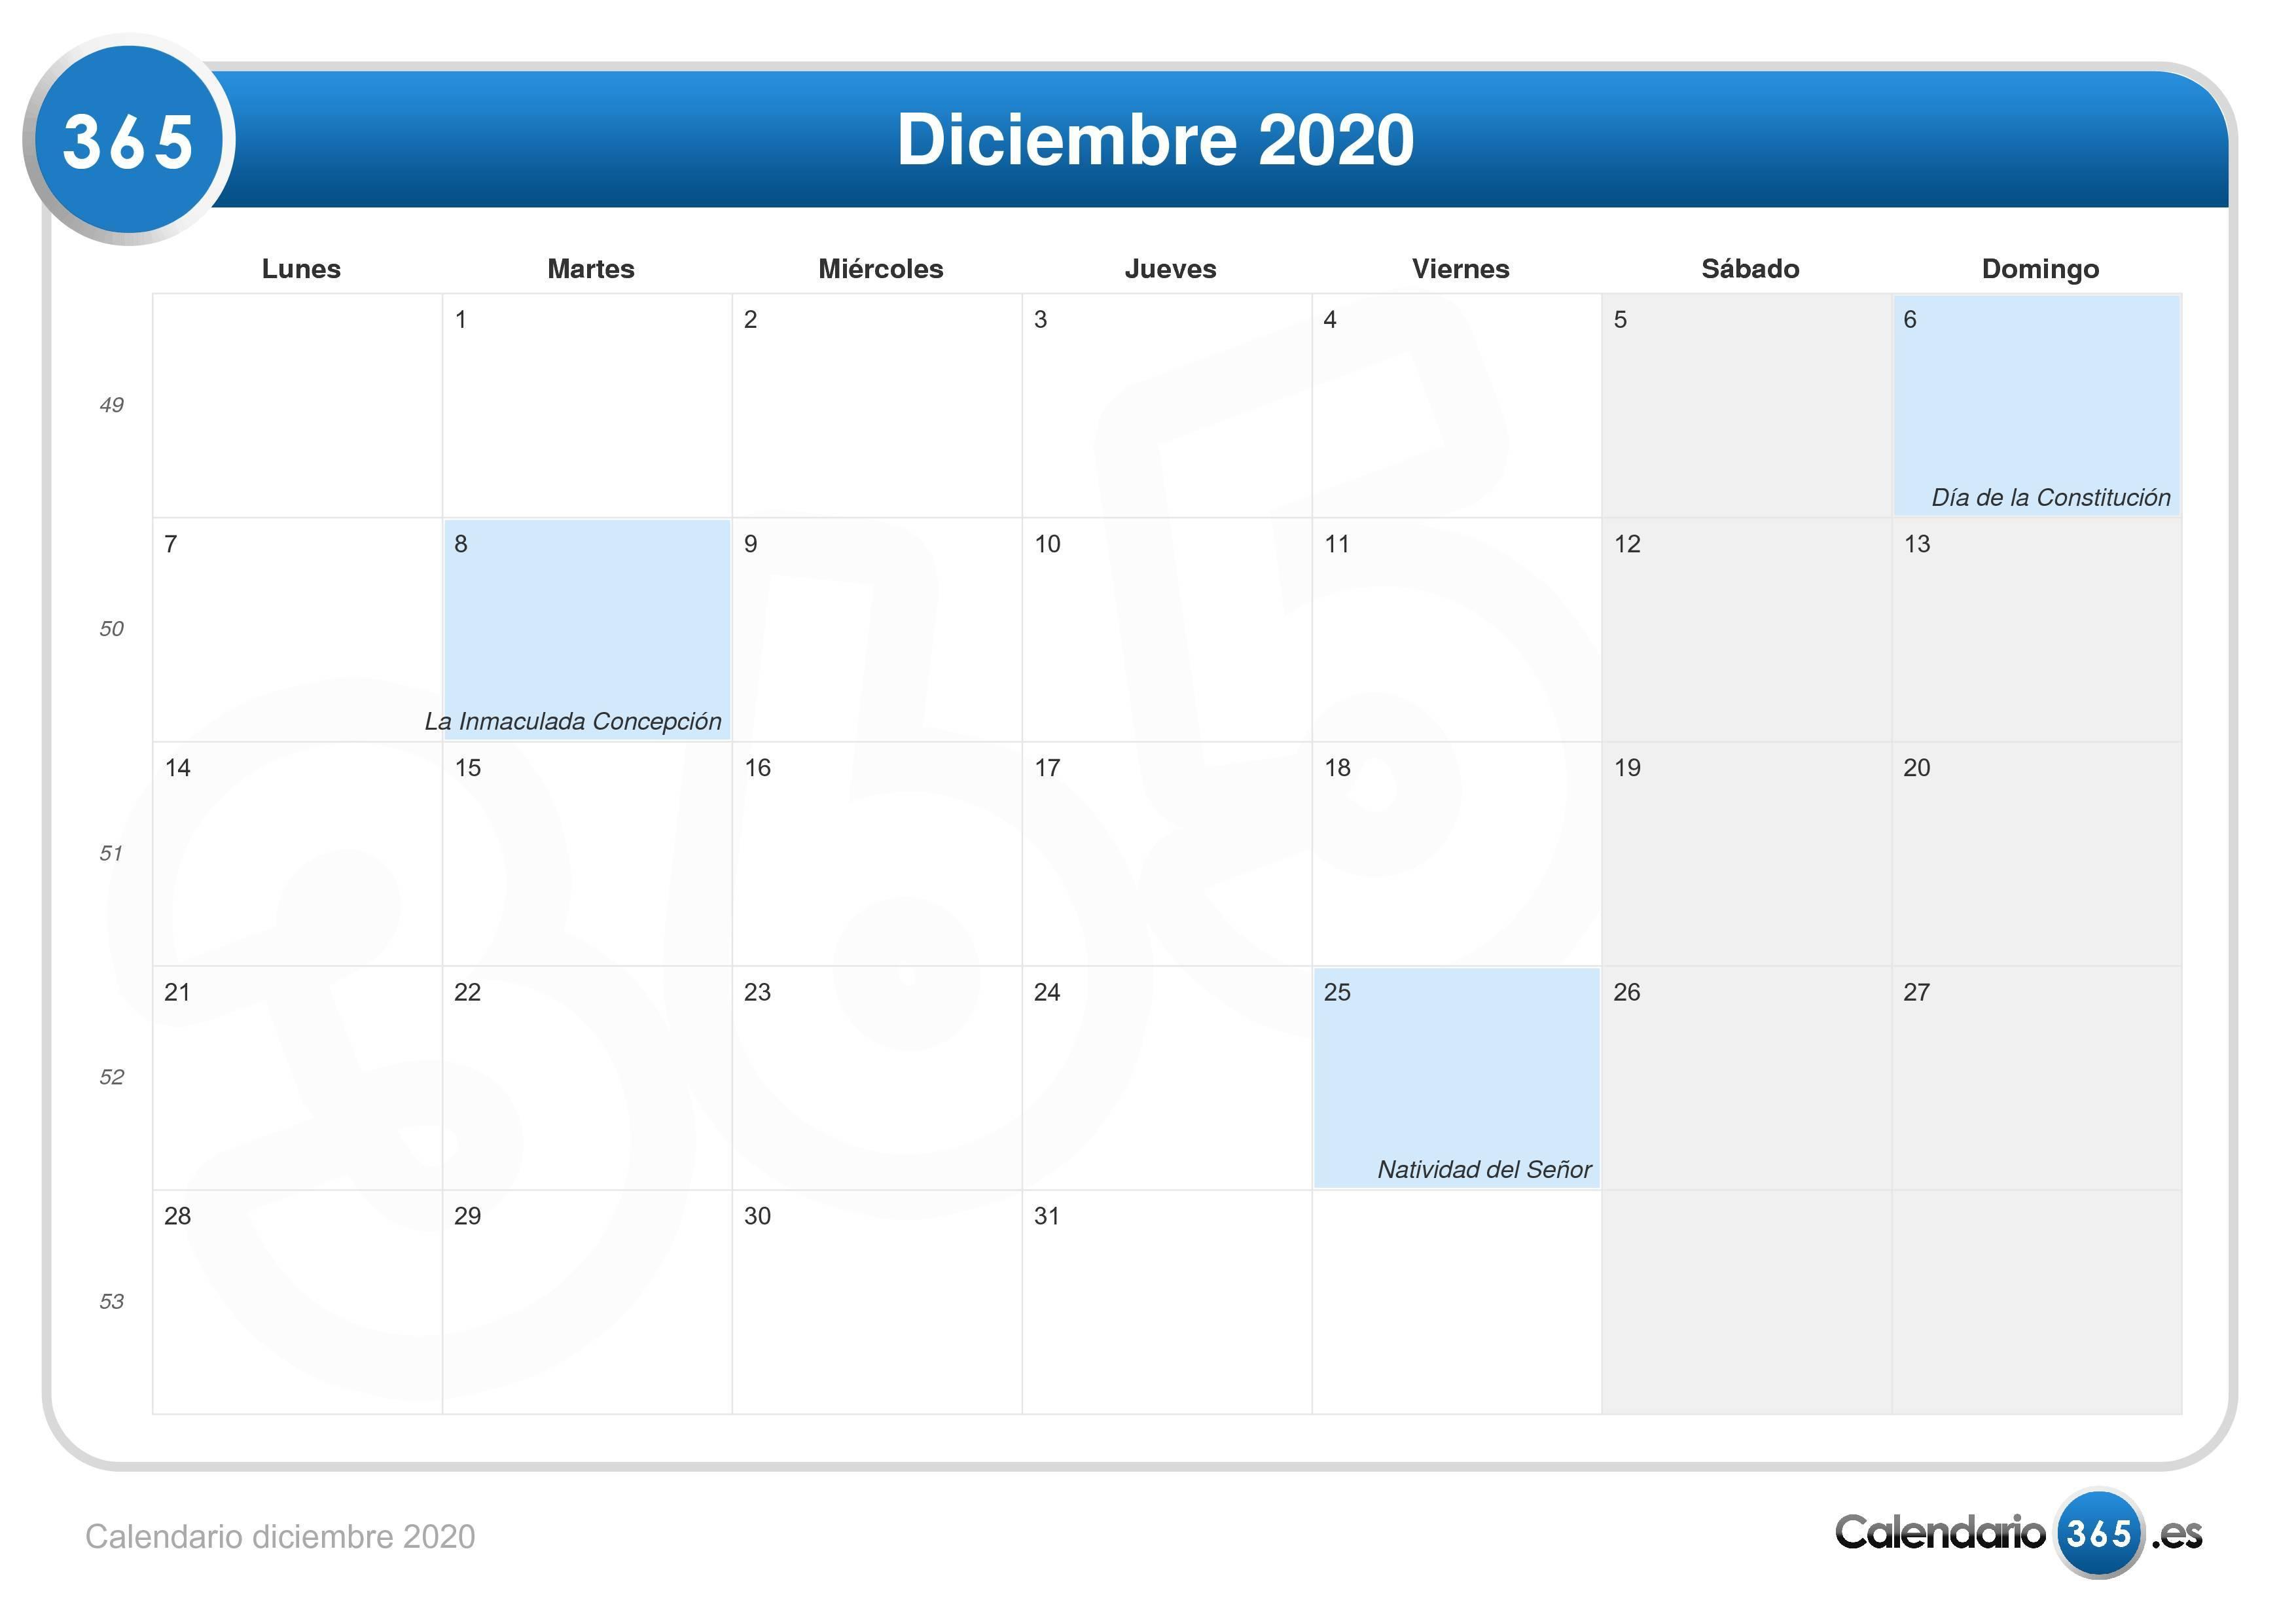 Calendario Escolar Granada 2020 19.Calendario Diciembre 2020